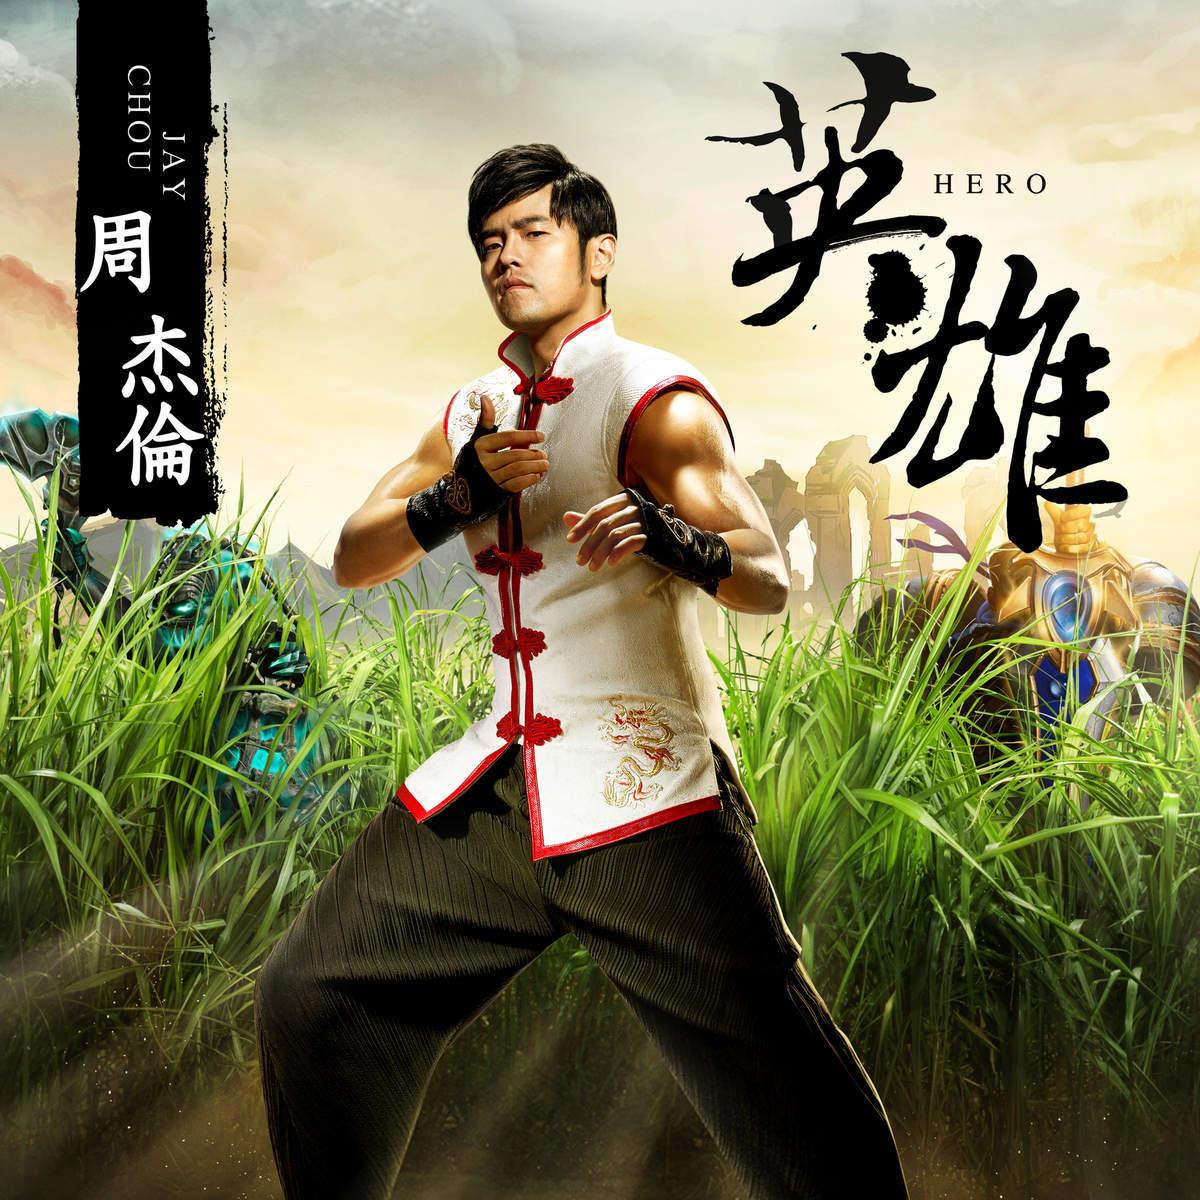 英雄 / Anh Hùng (Liên Minh Huyền Thoại OST) - Châu Kiệt Luân